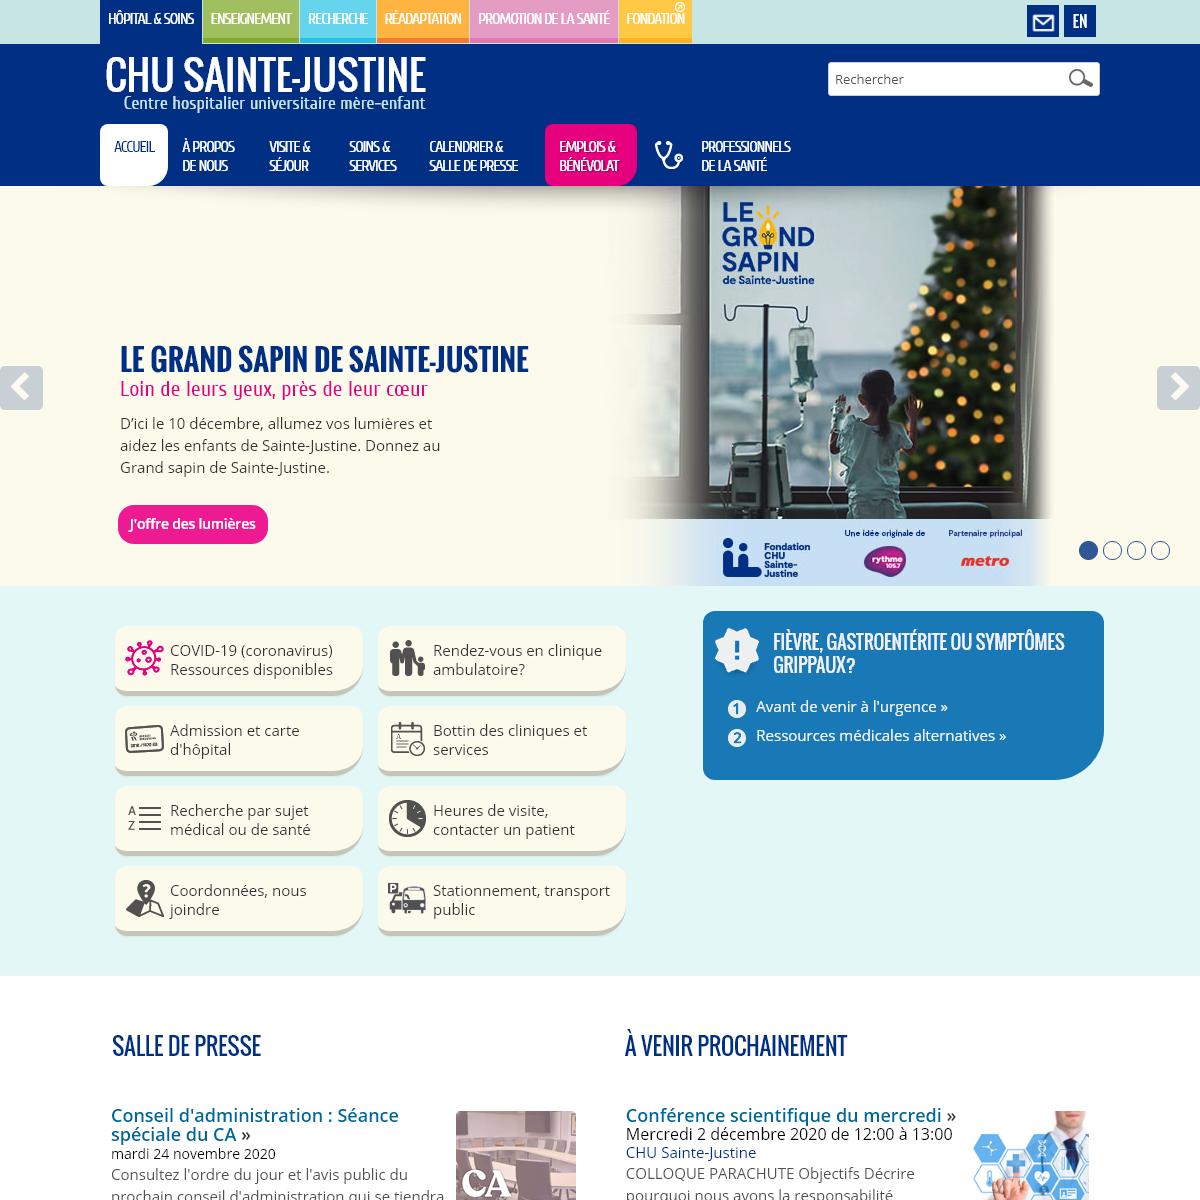 CHU Sainte-Justine - hôpital mère enfant de Montréal